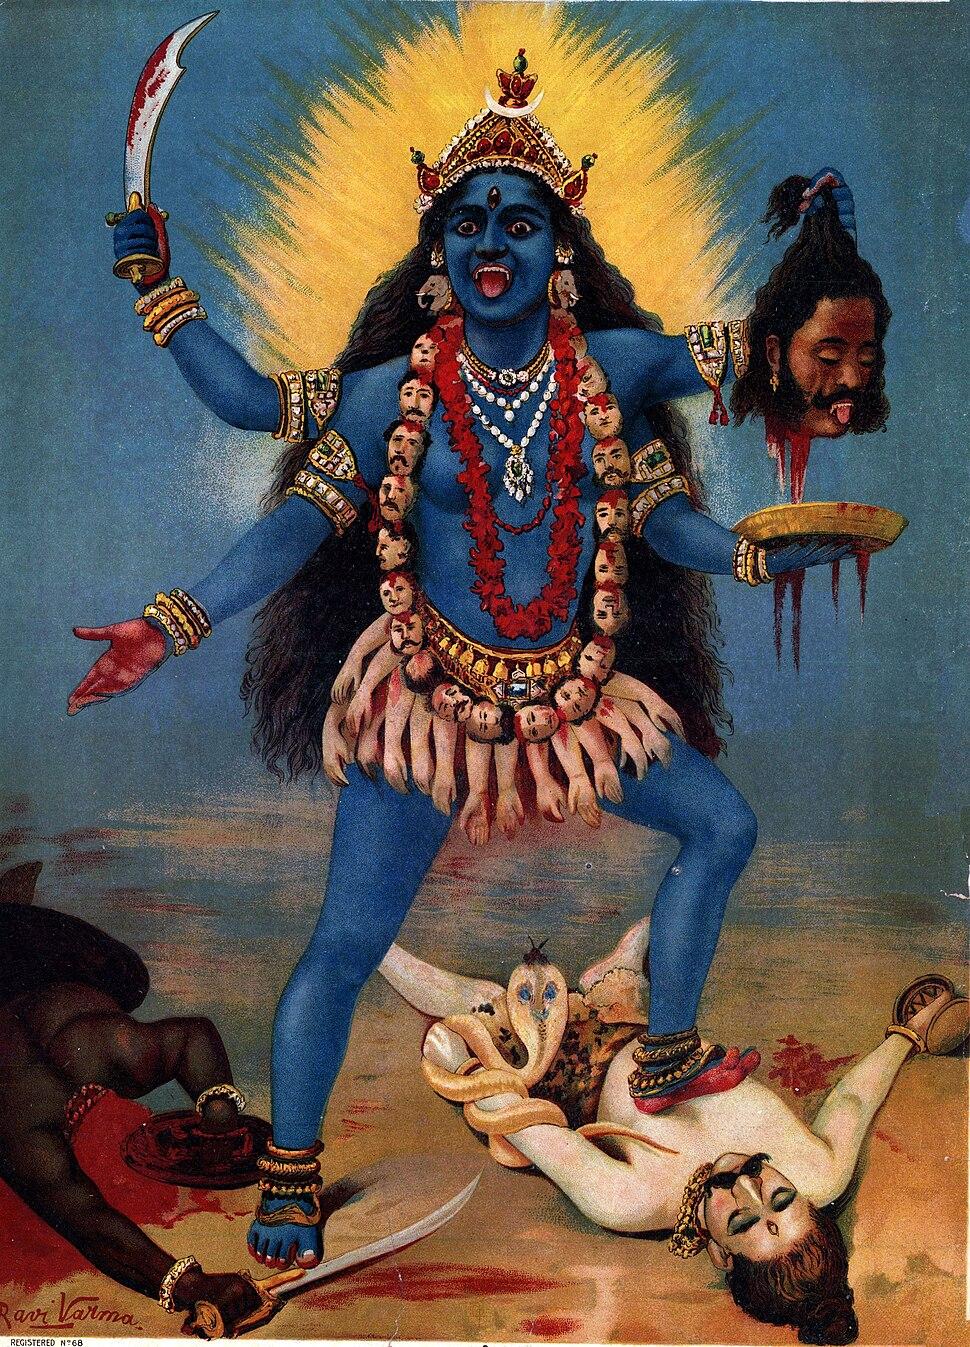 Kali by Raja Ravi Varma